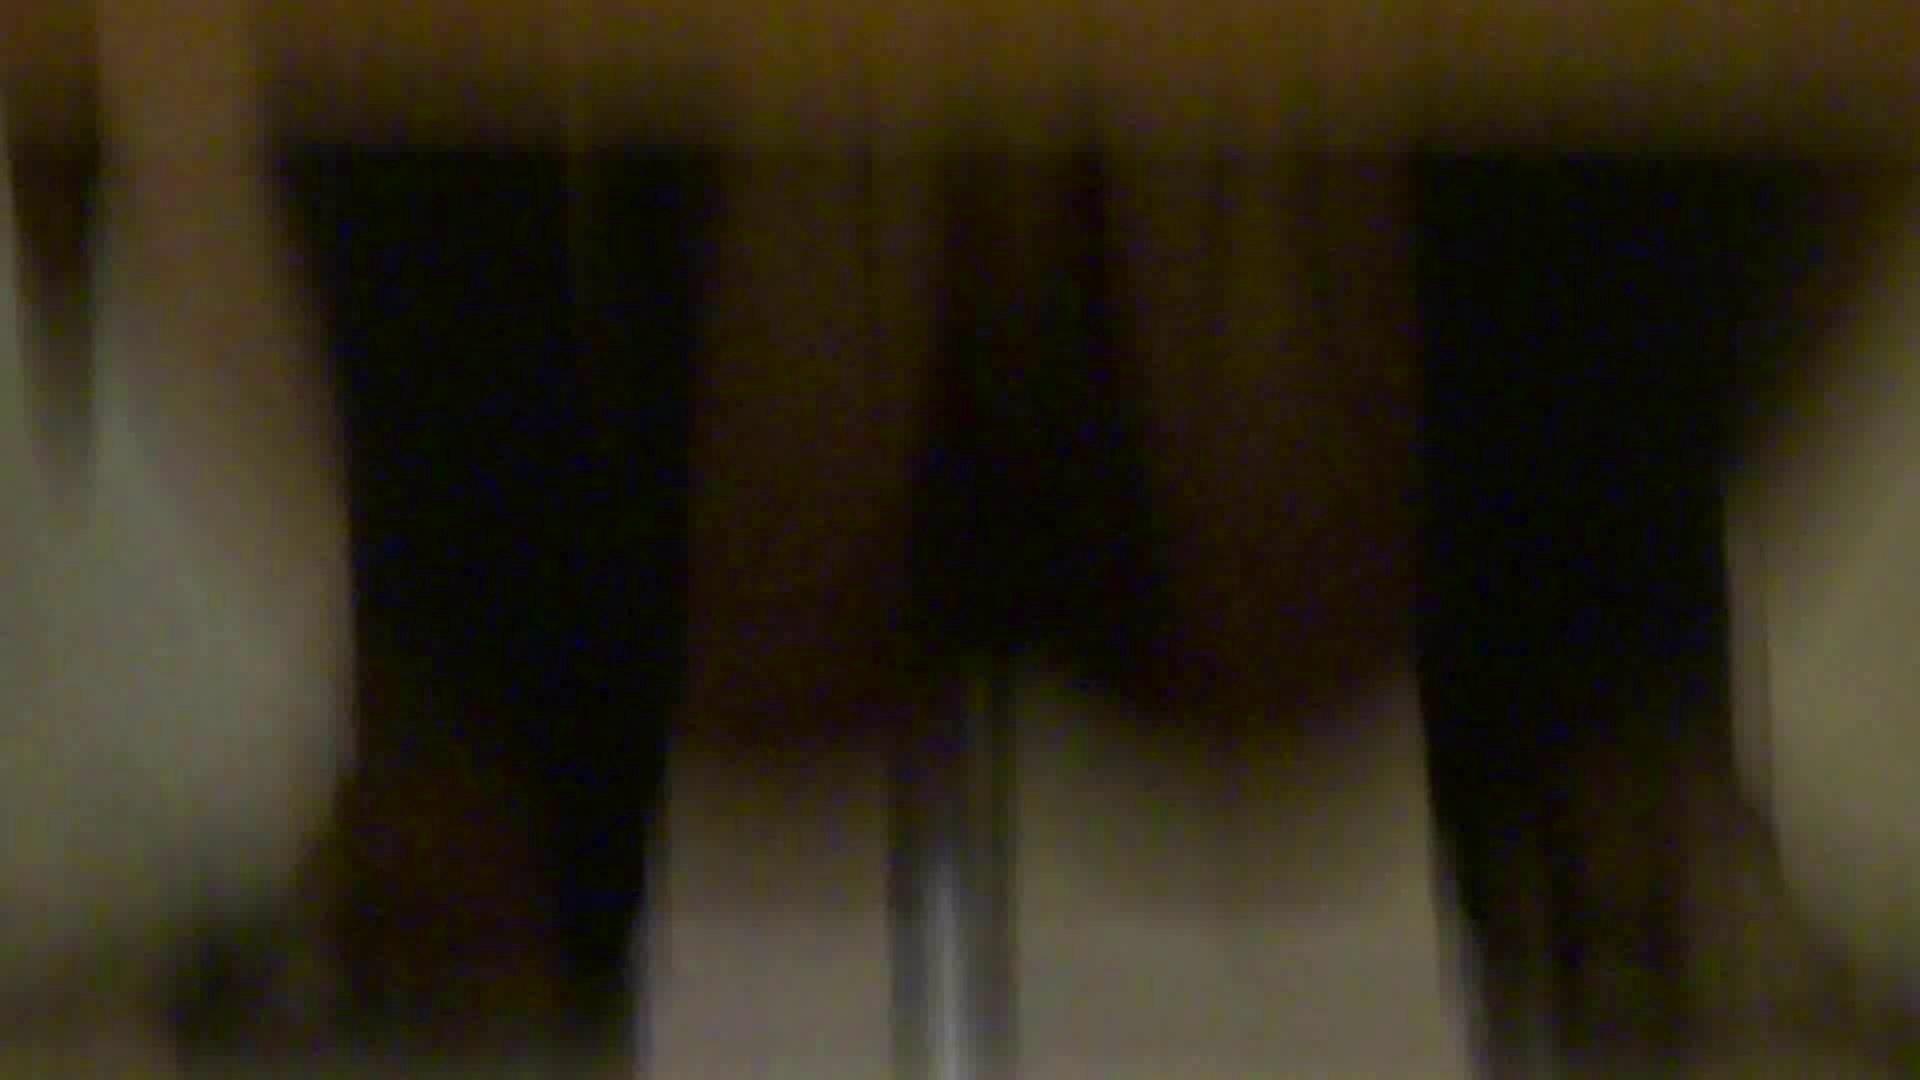 「噂」の国の厠観察日記2 Vol.03 人気シリーズ  79画像 9